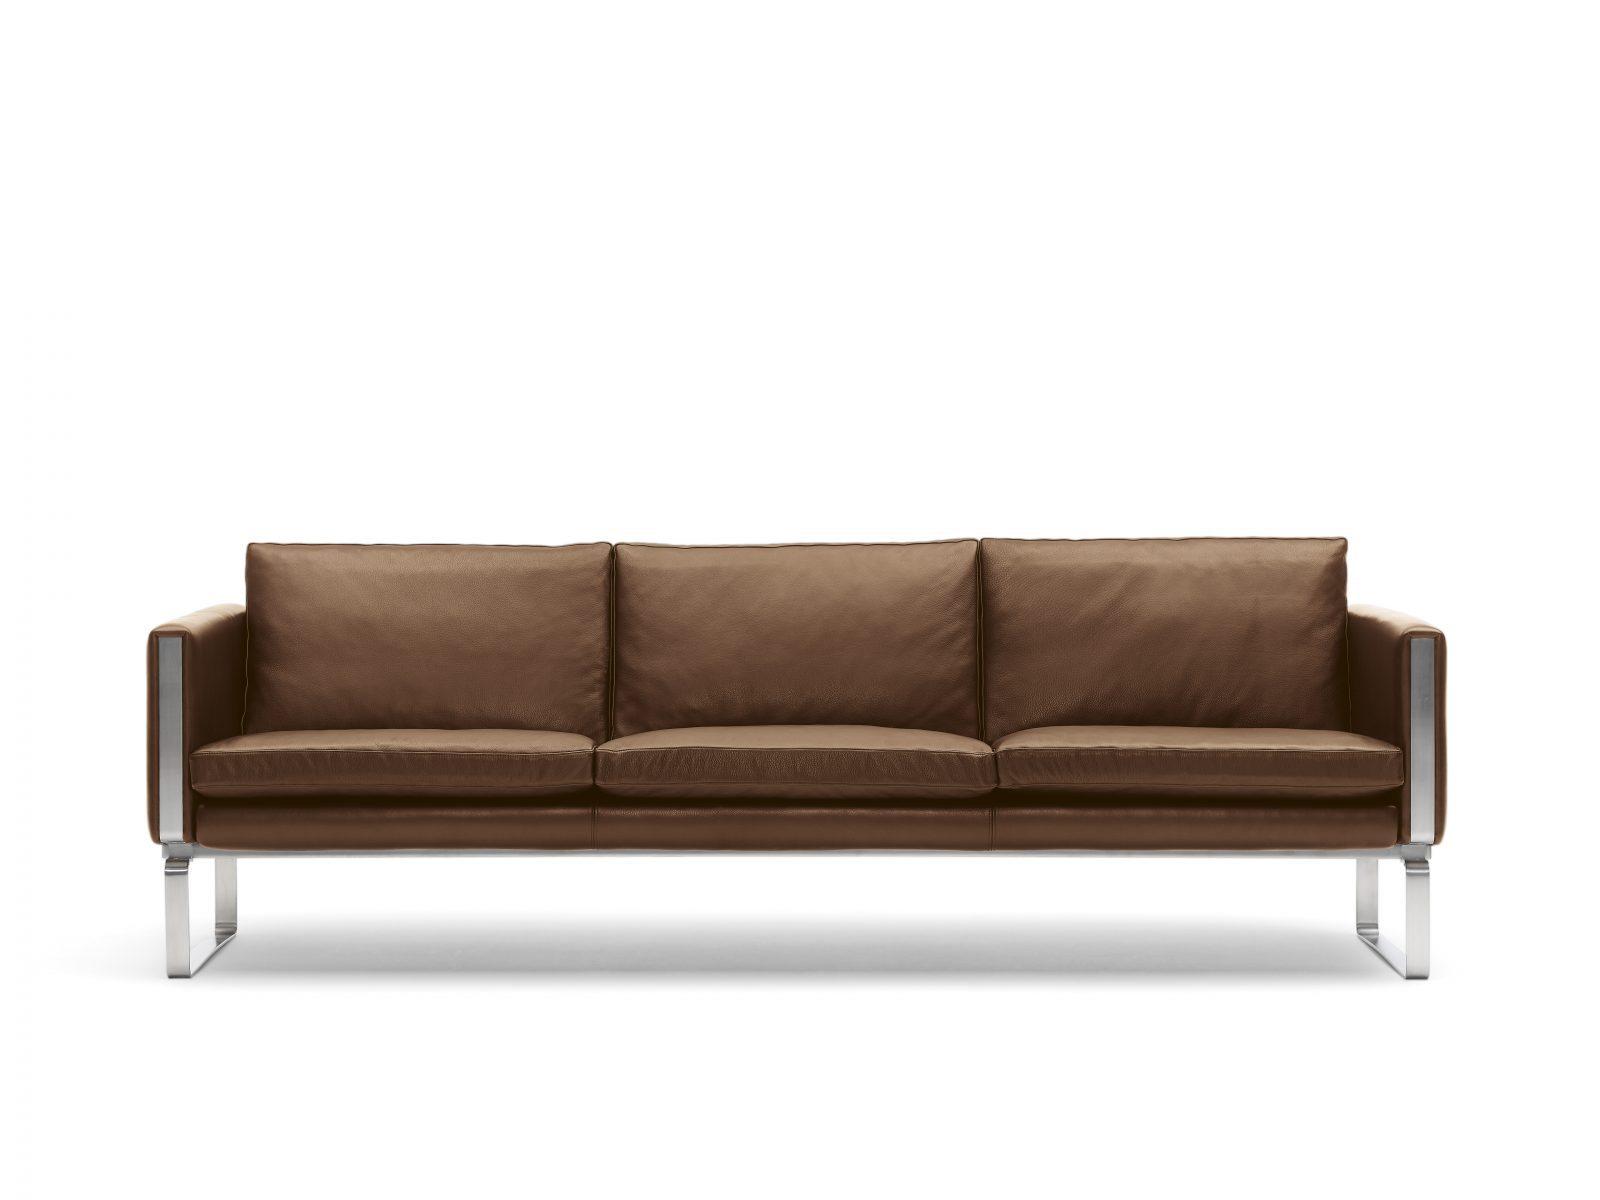 Carl Hansen Ch102 103 104 Sofa Nordic Urban